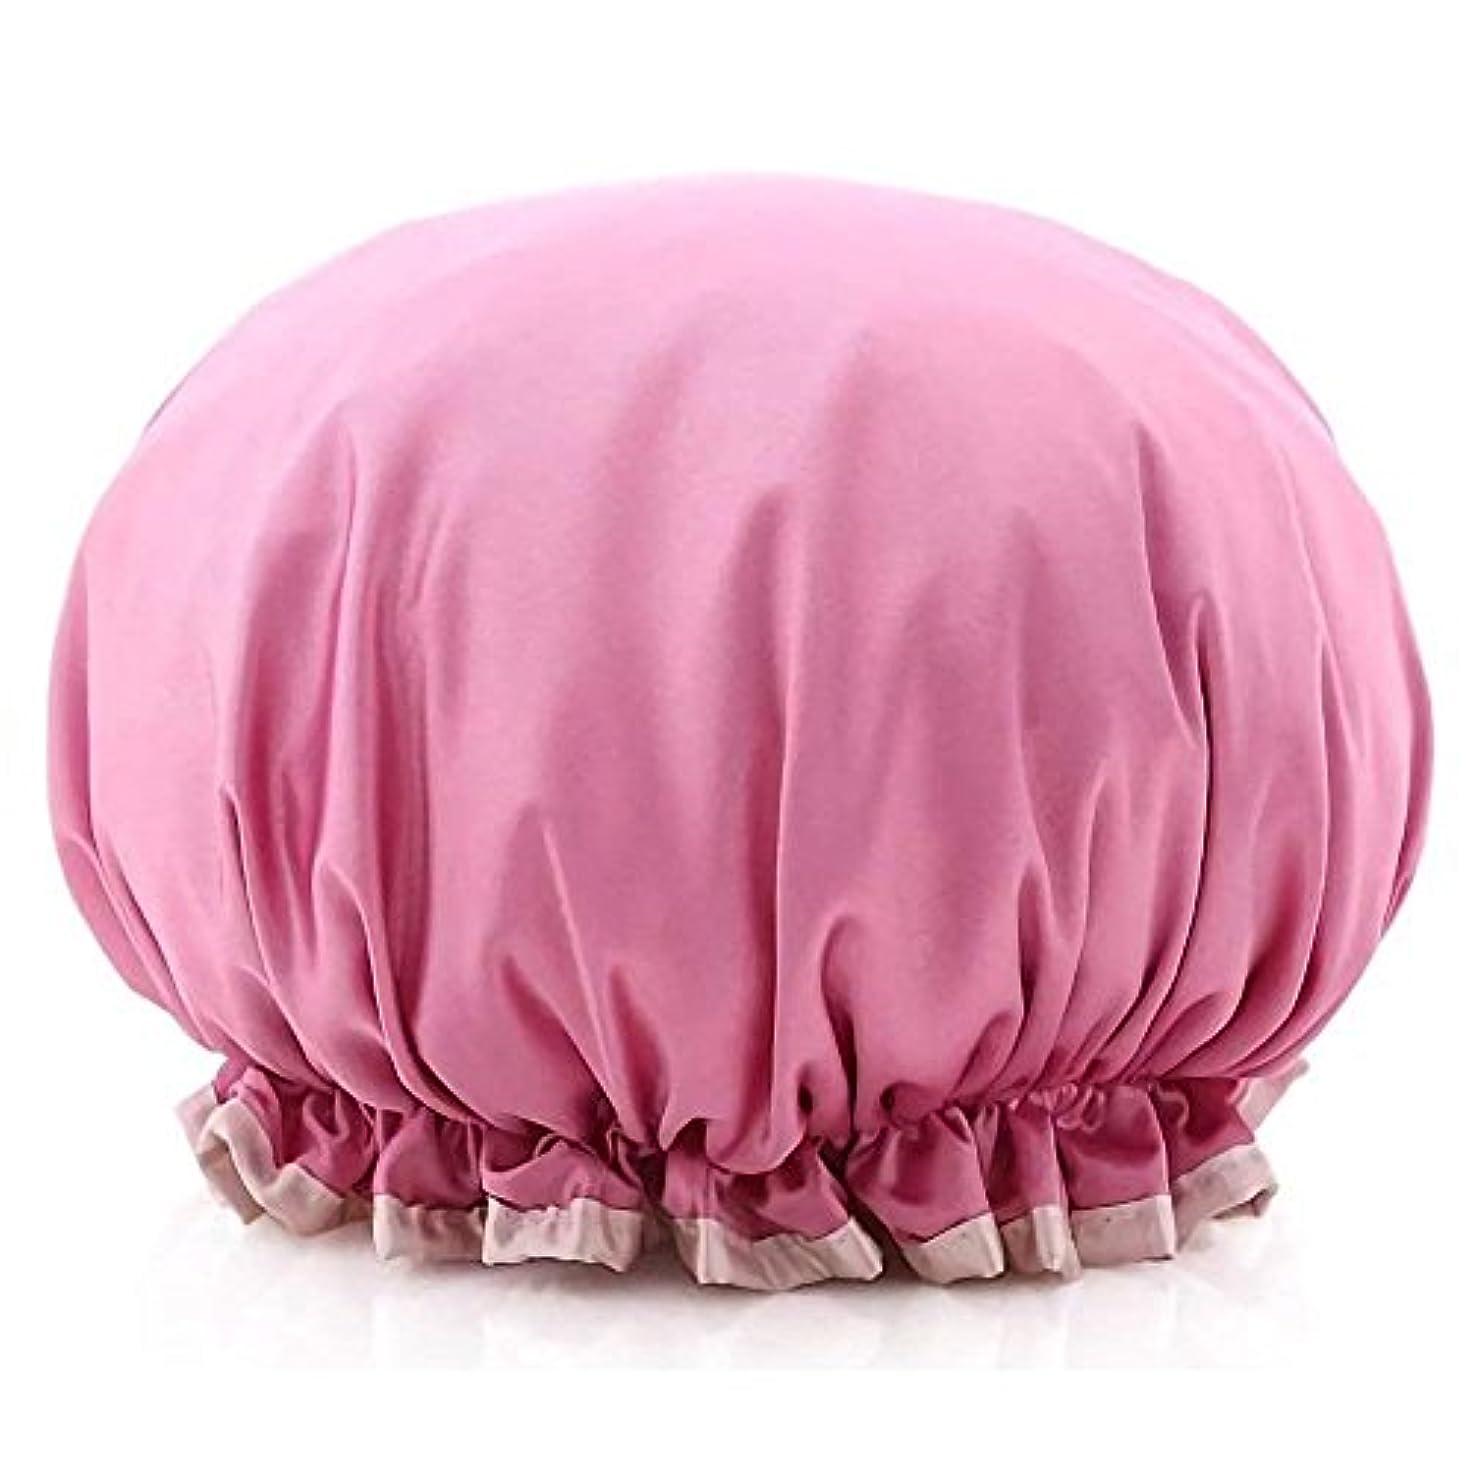 シャワーキャップ ヘアキャップ ヘアーターバン 防水シャワーキャップ お風呂、シャワー用に 浴用帽子 なサロンの髪を保護する帽子 (ピンク)